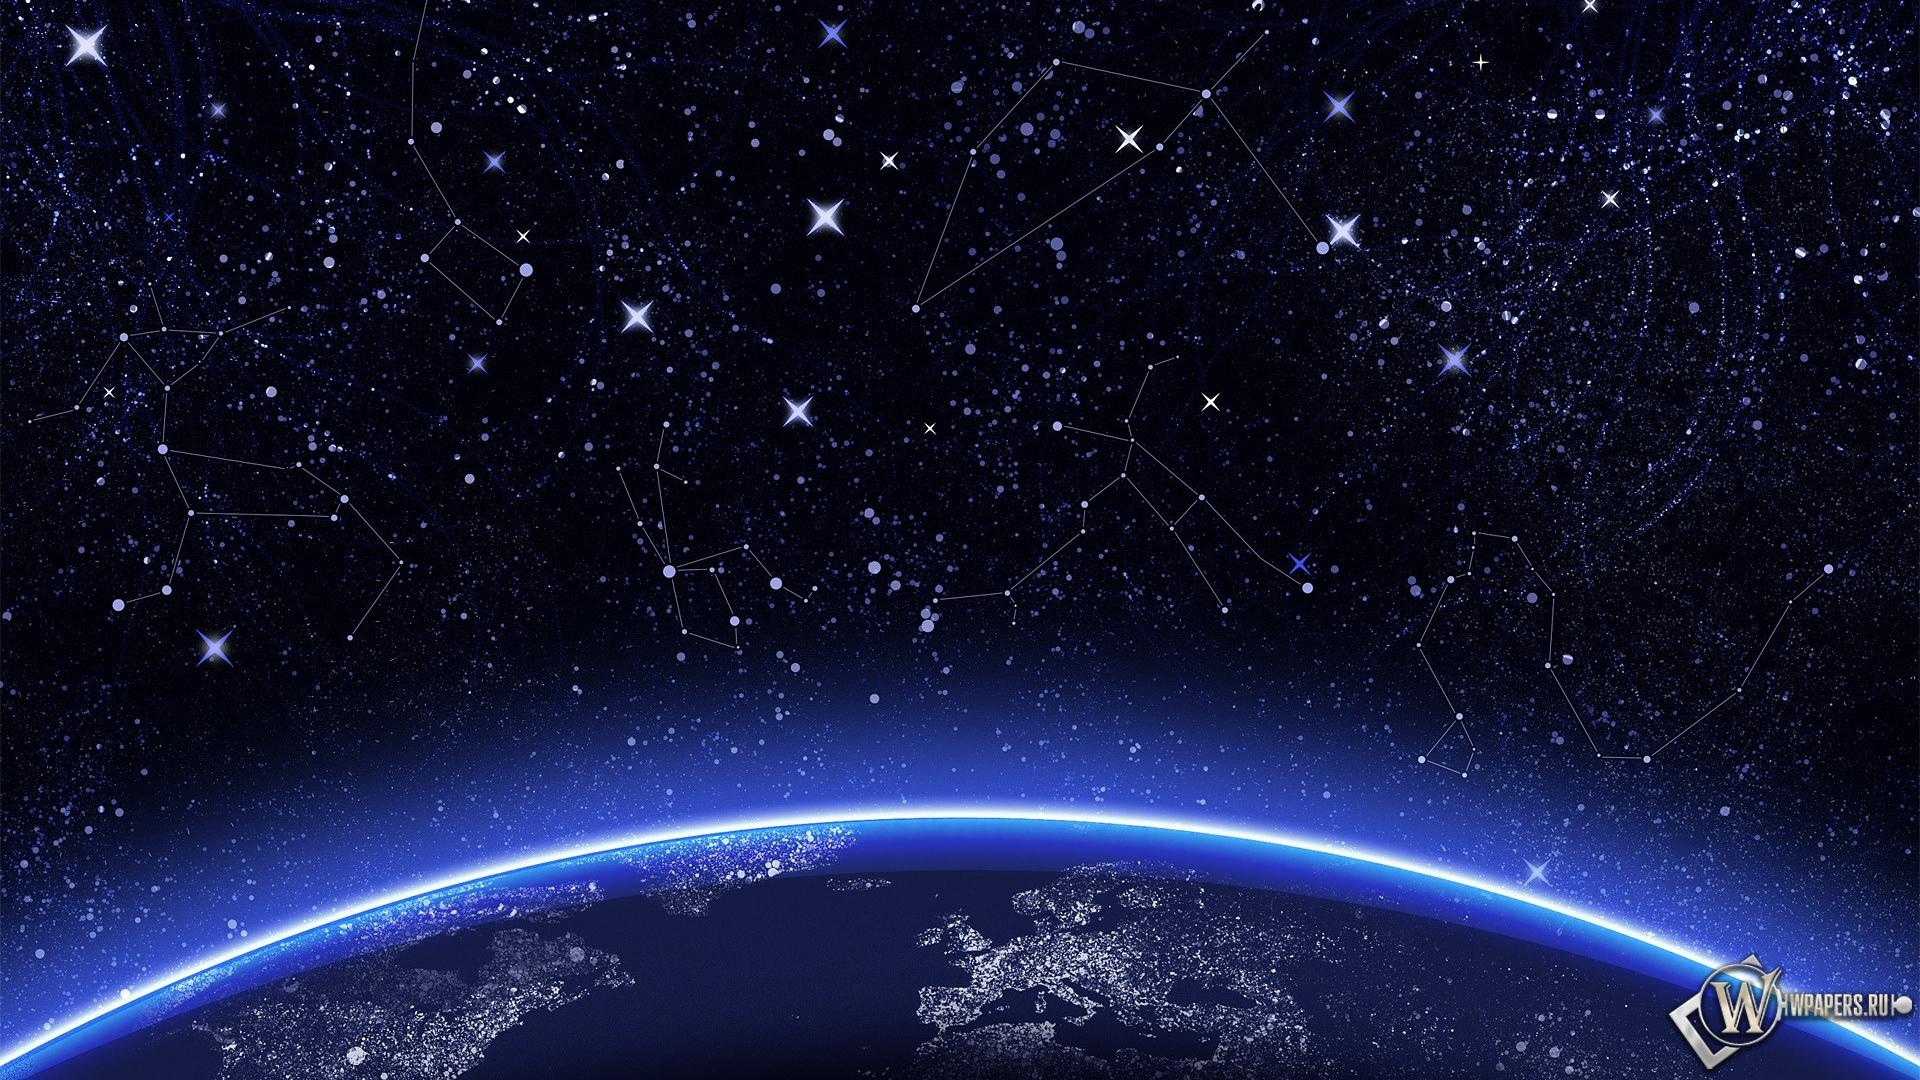 скачать картинку звездное небо